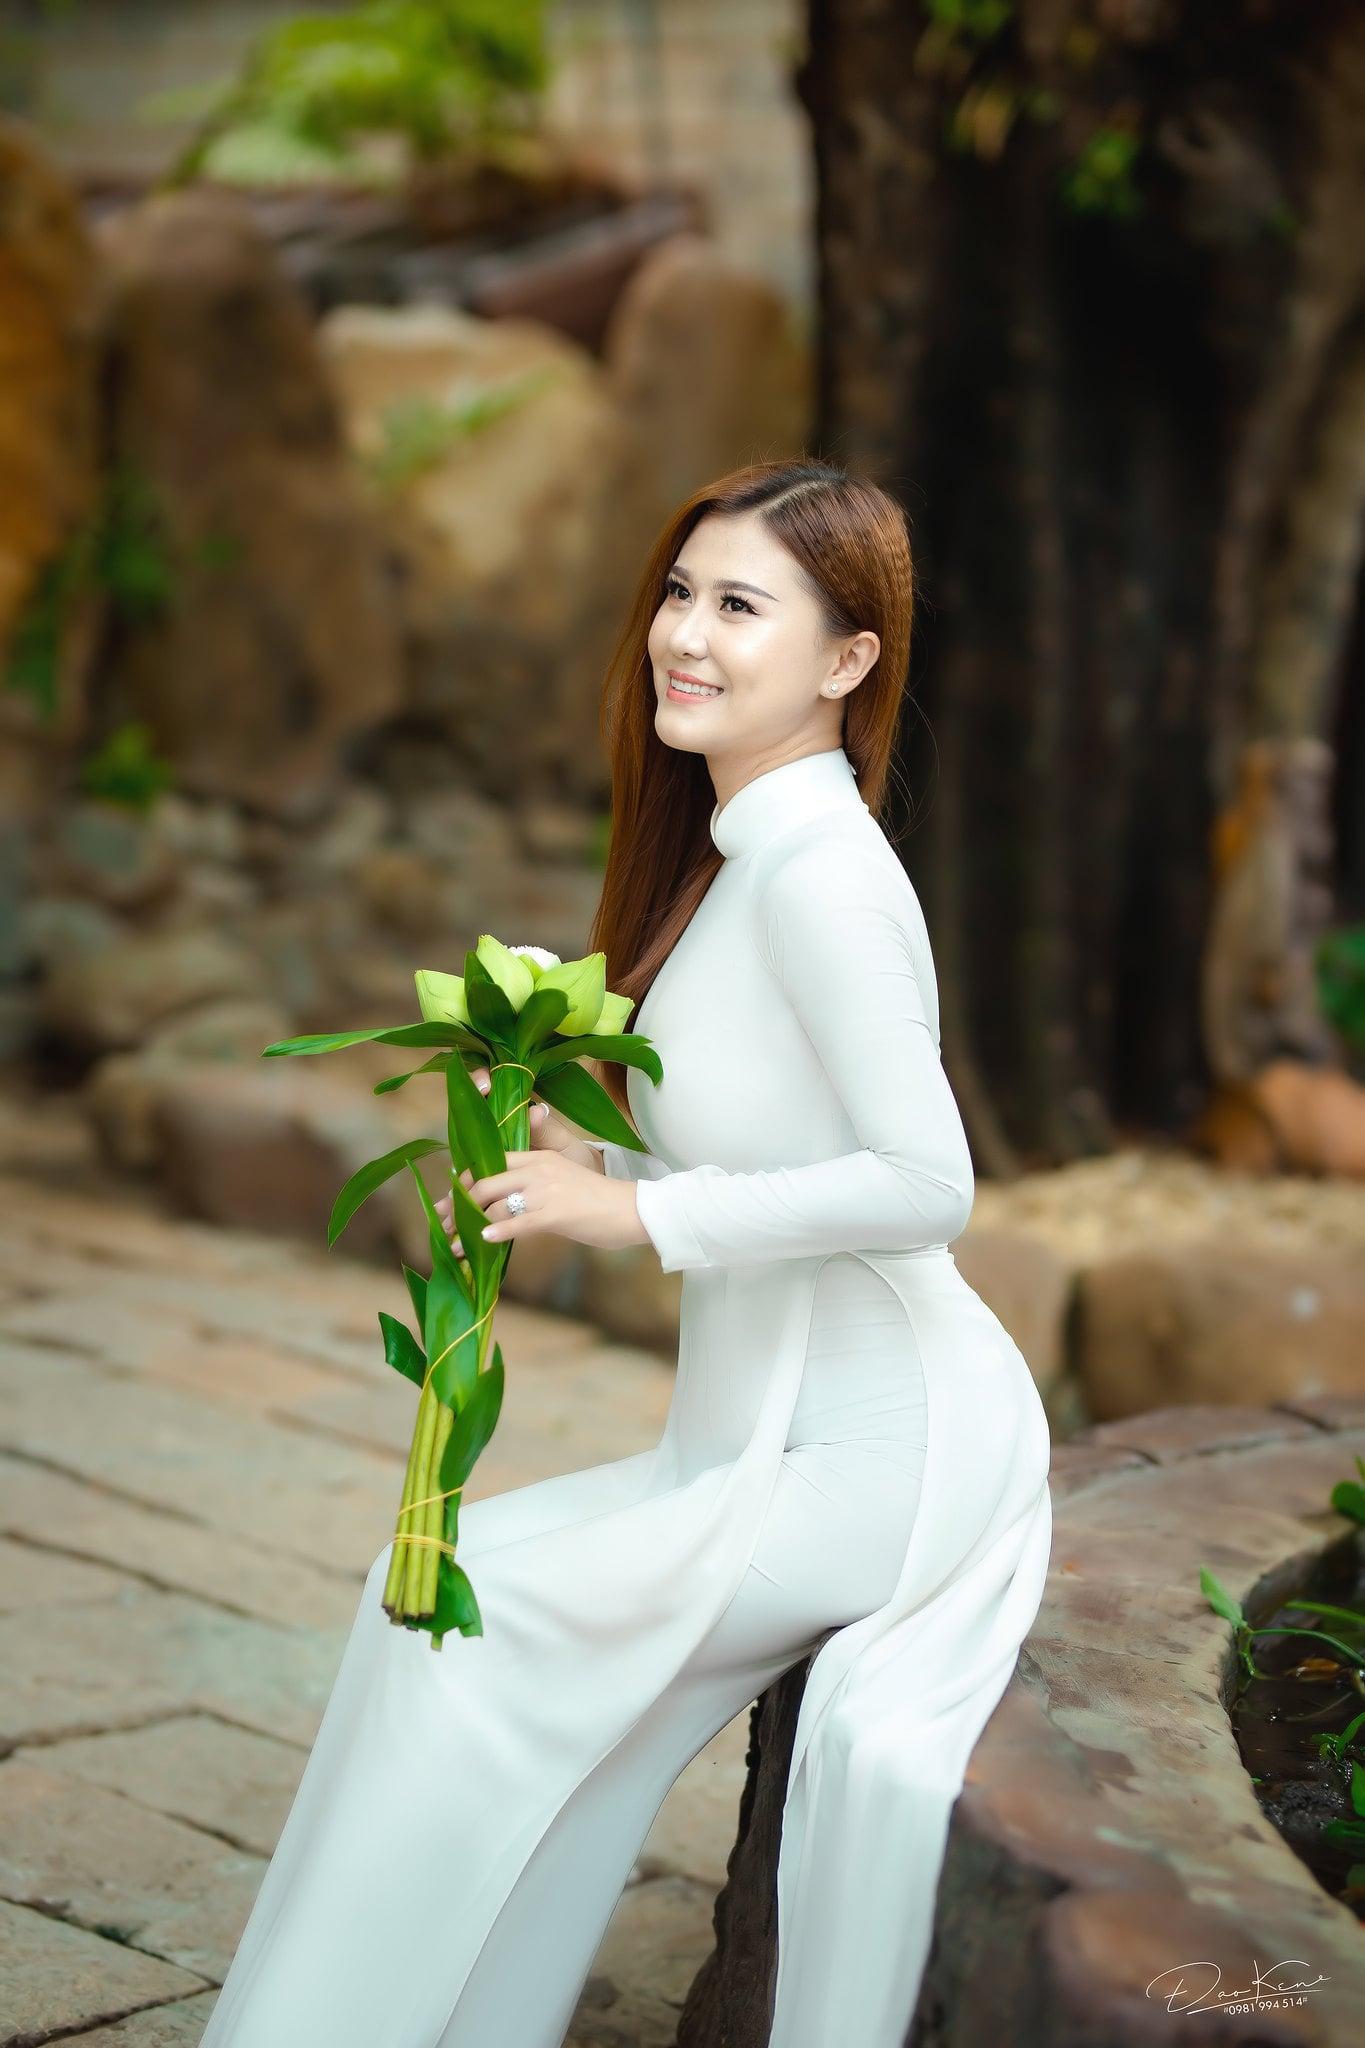 Ha My ao dai 4 min - Album ảnh áo dài thướt tha Hà My- HThao Studio